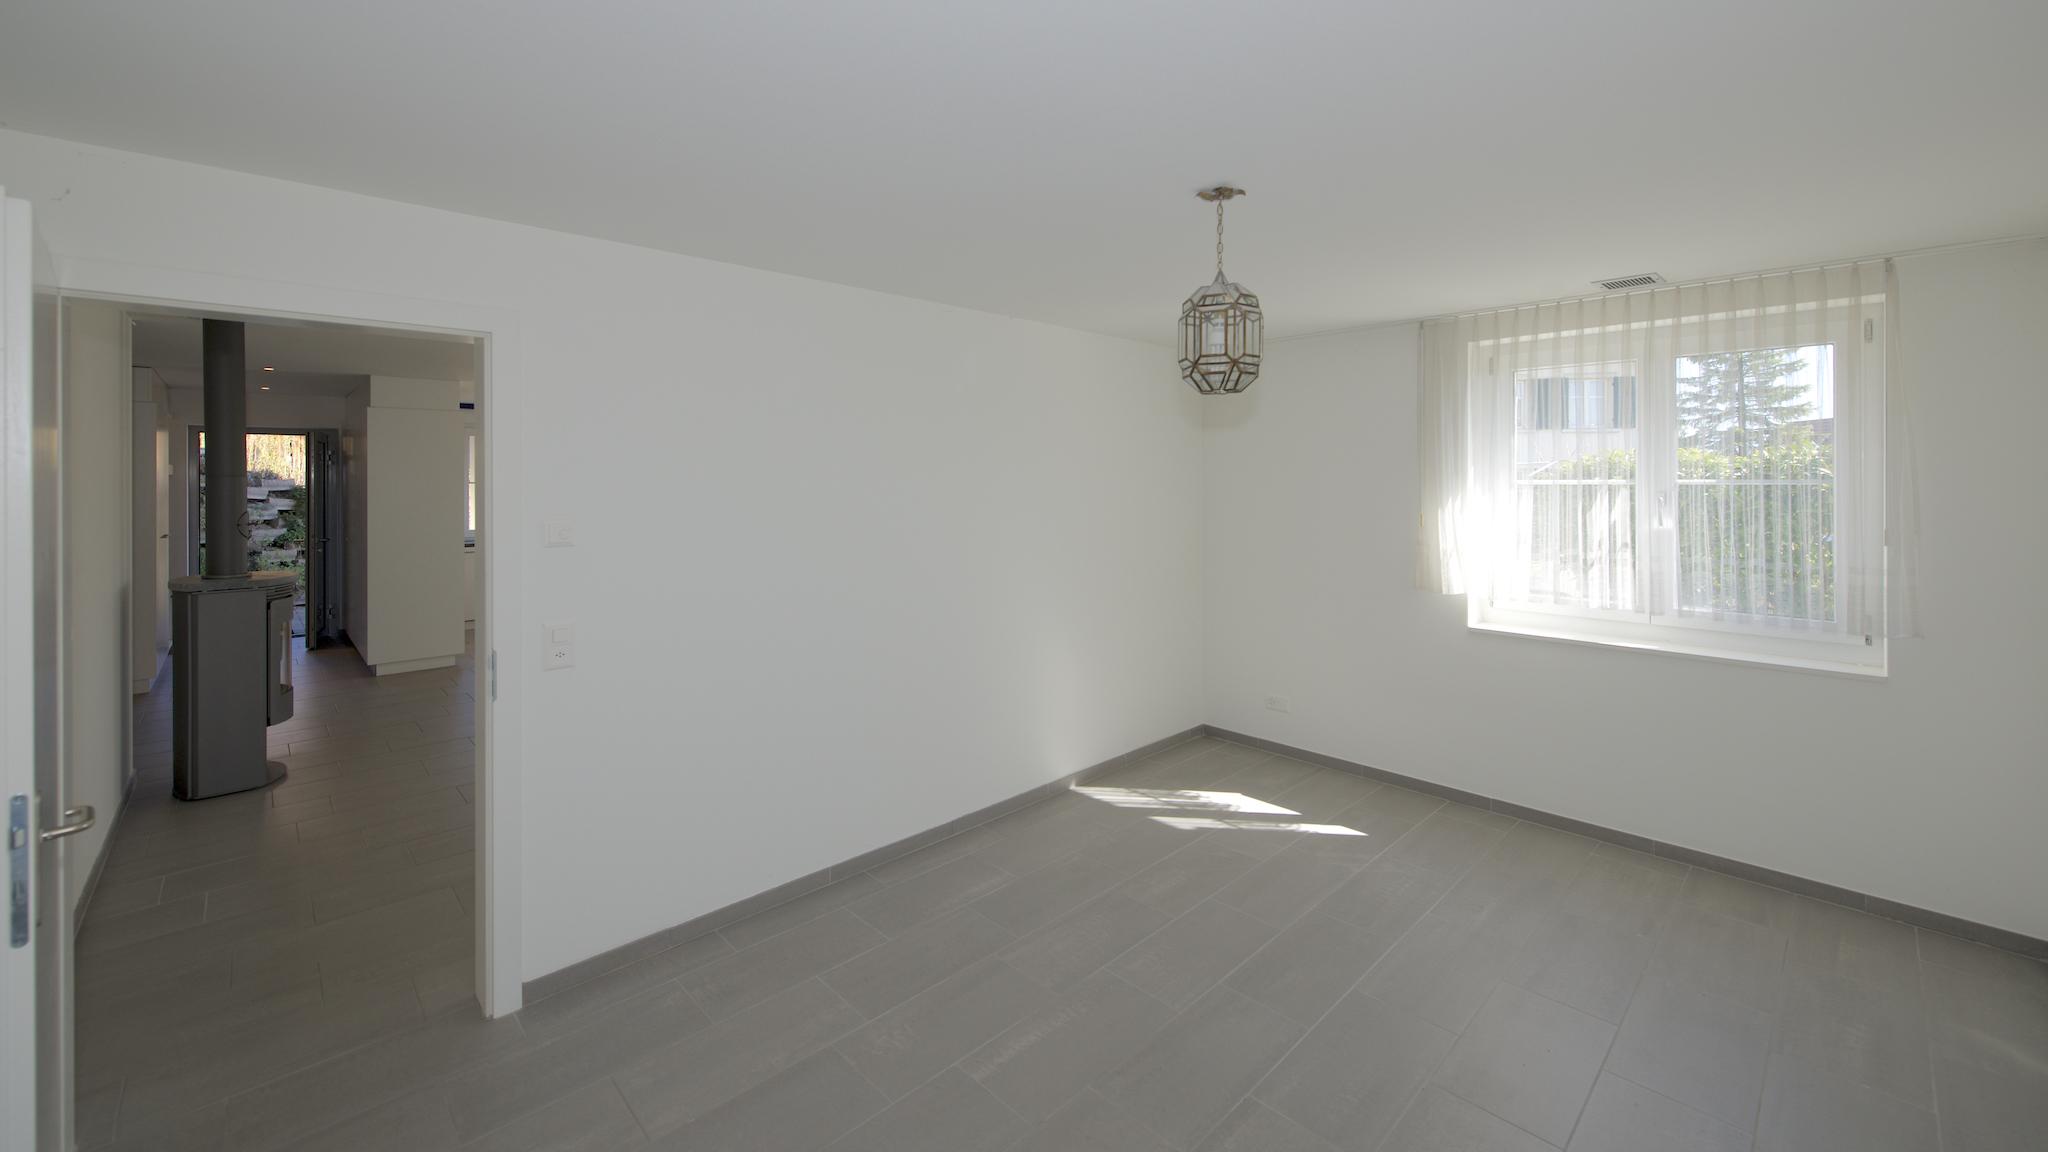 Schlafzimmer mit dem Blick in den Wohnbereich